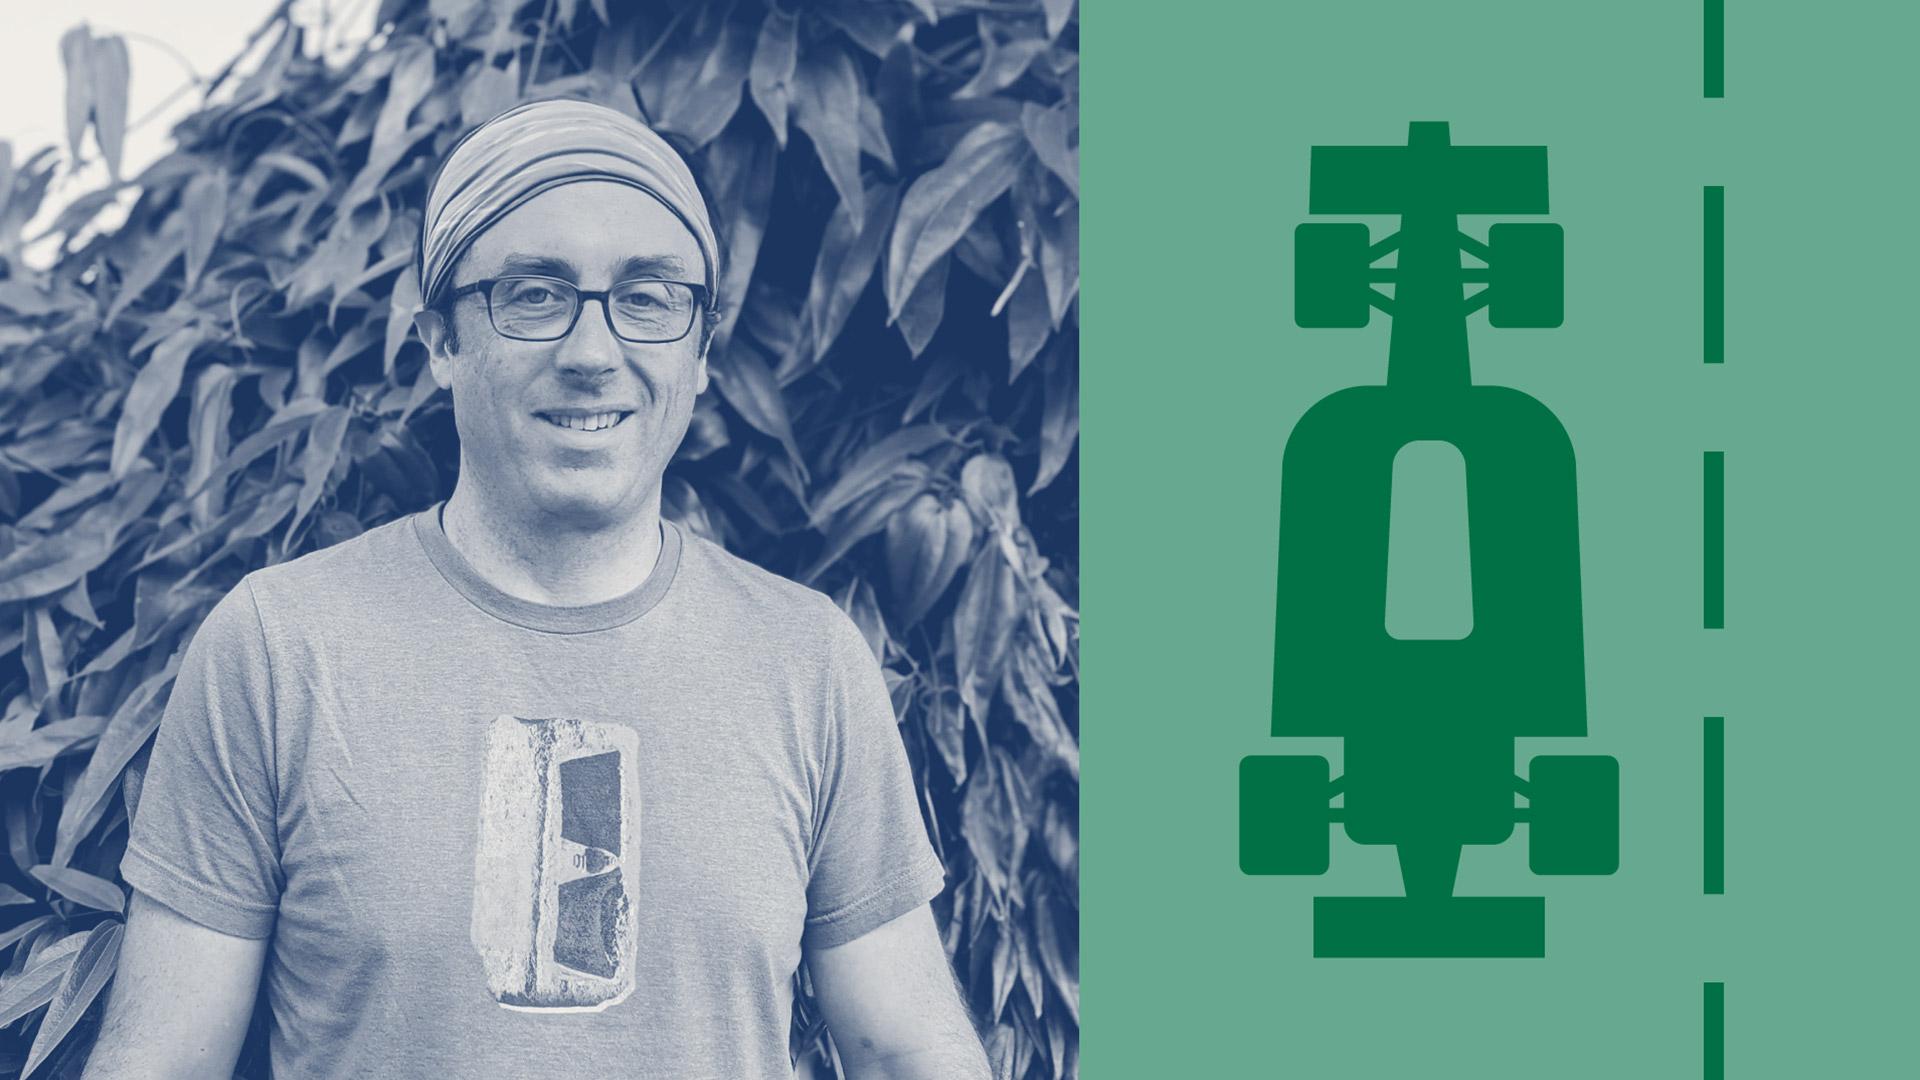 Meet software engineer extraordinaire Dan Grabski